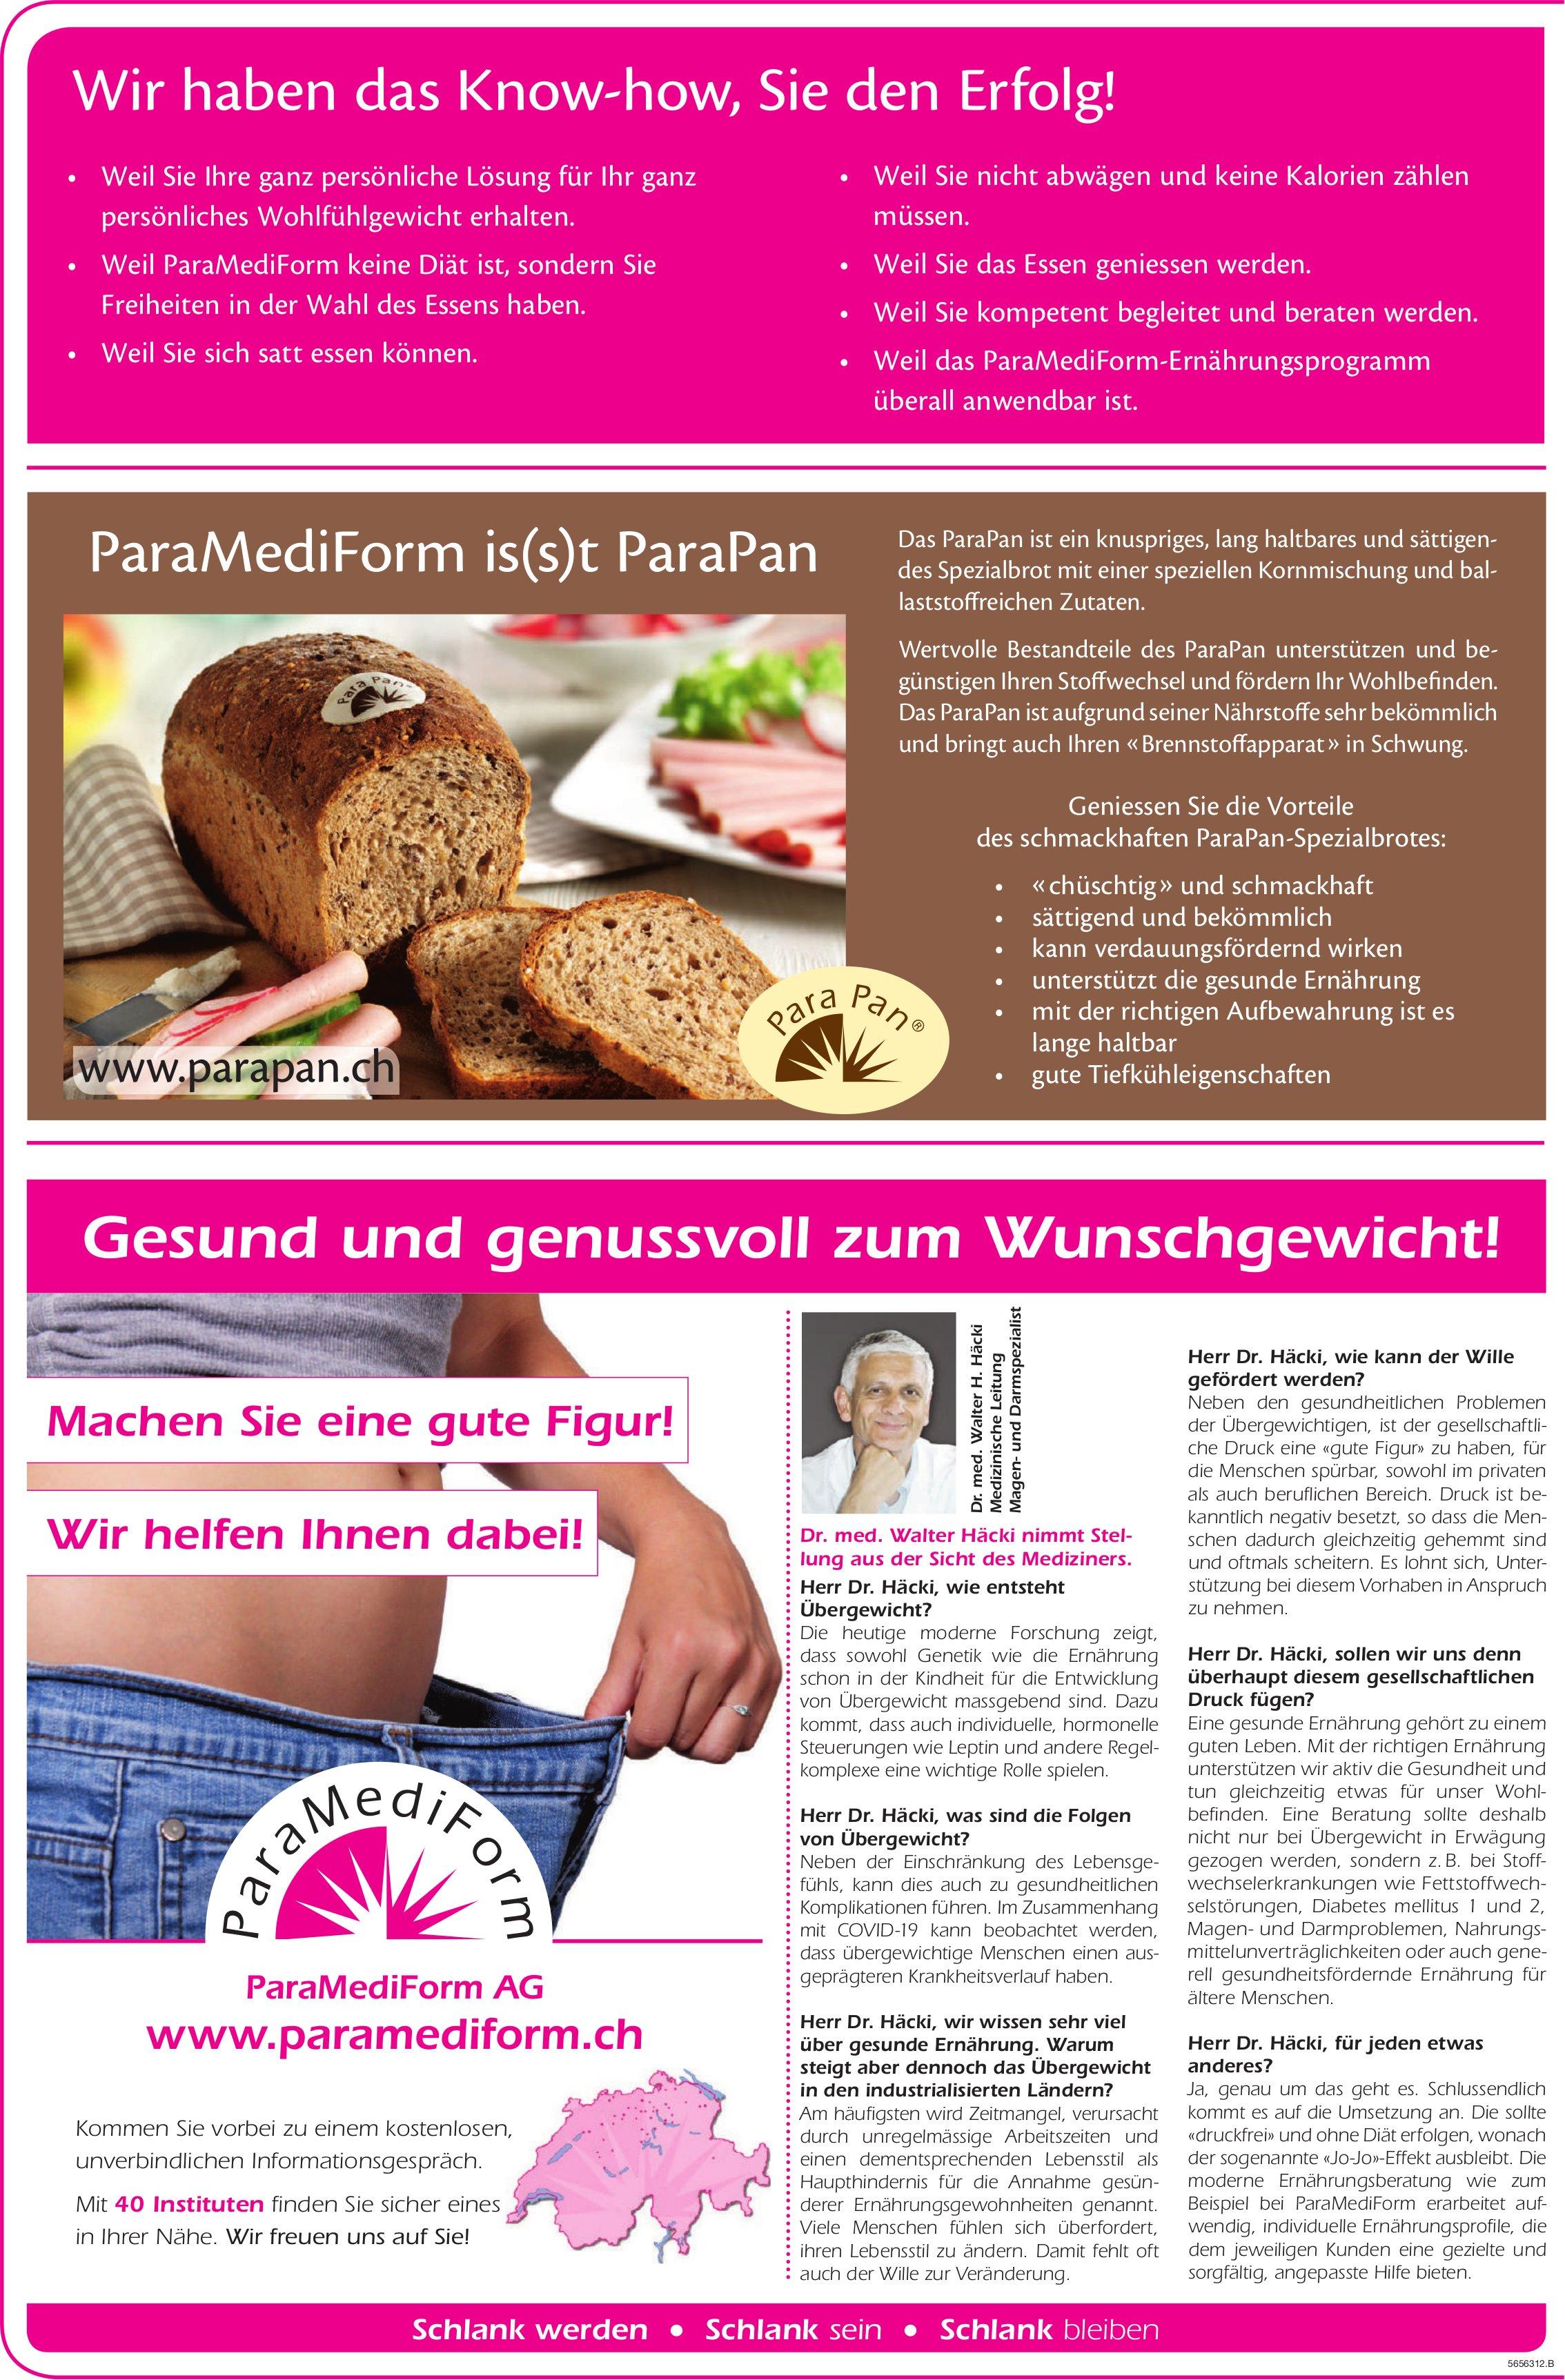 ParaMediForm AG - Wir haben das Know-how, Sie den Erfolg!